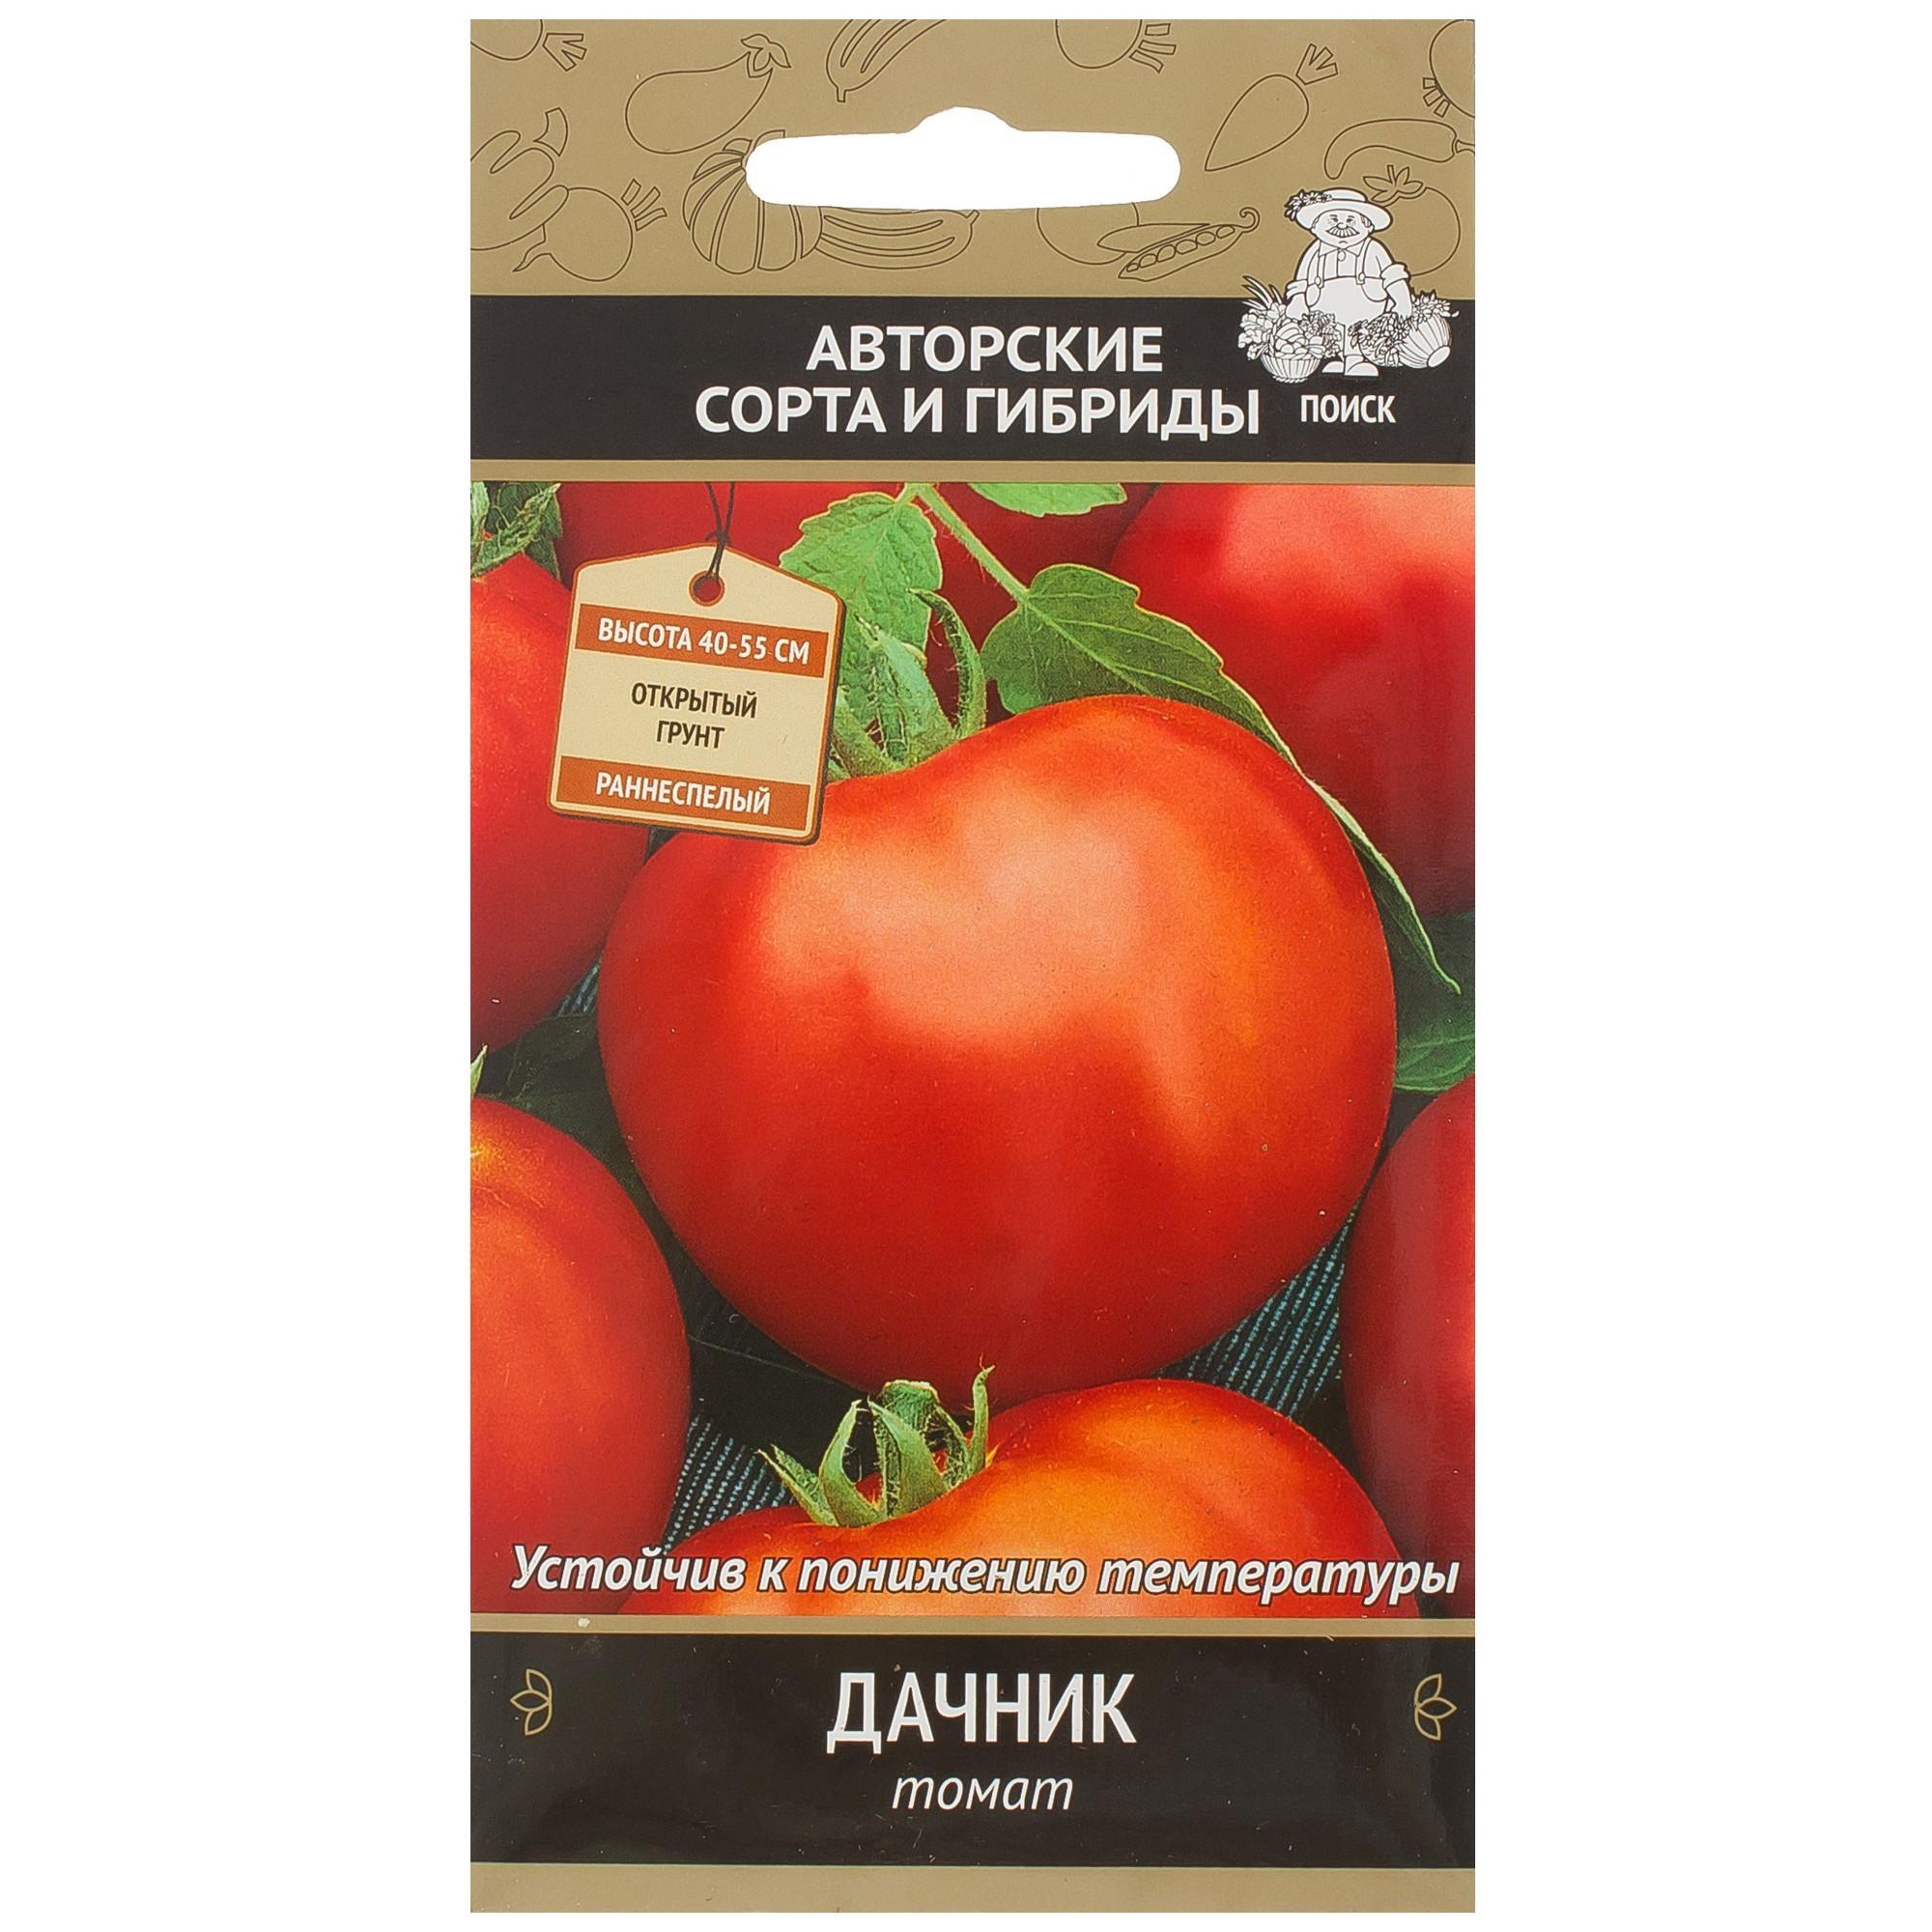 ✅ кукла маша: описание сорта томата, характеристики помидоров, выращивание - tehnomir32.ru